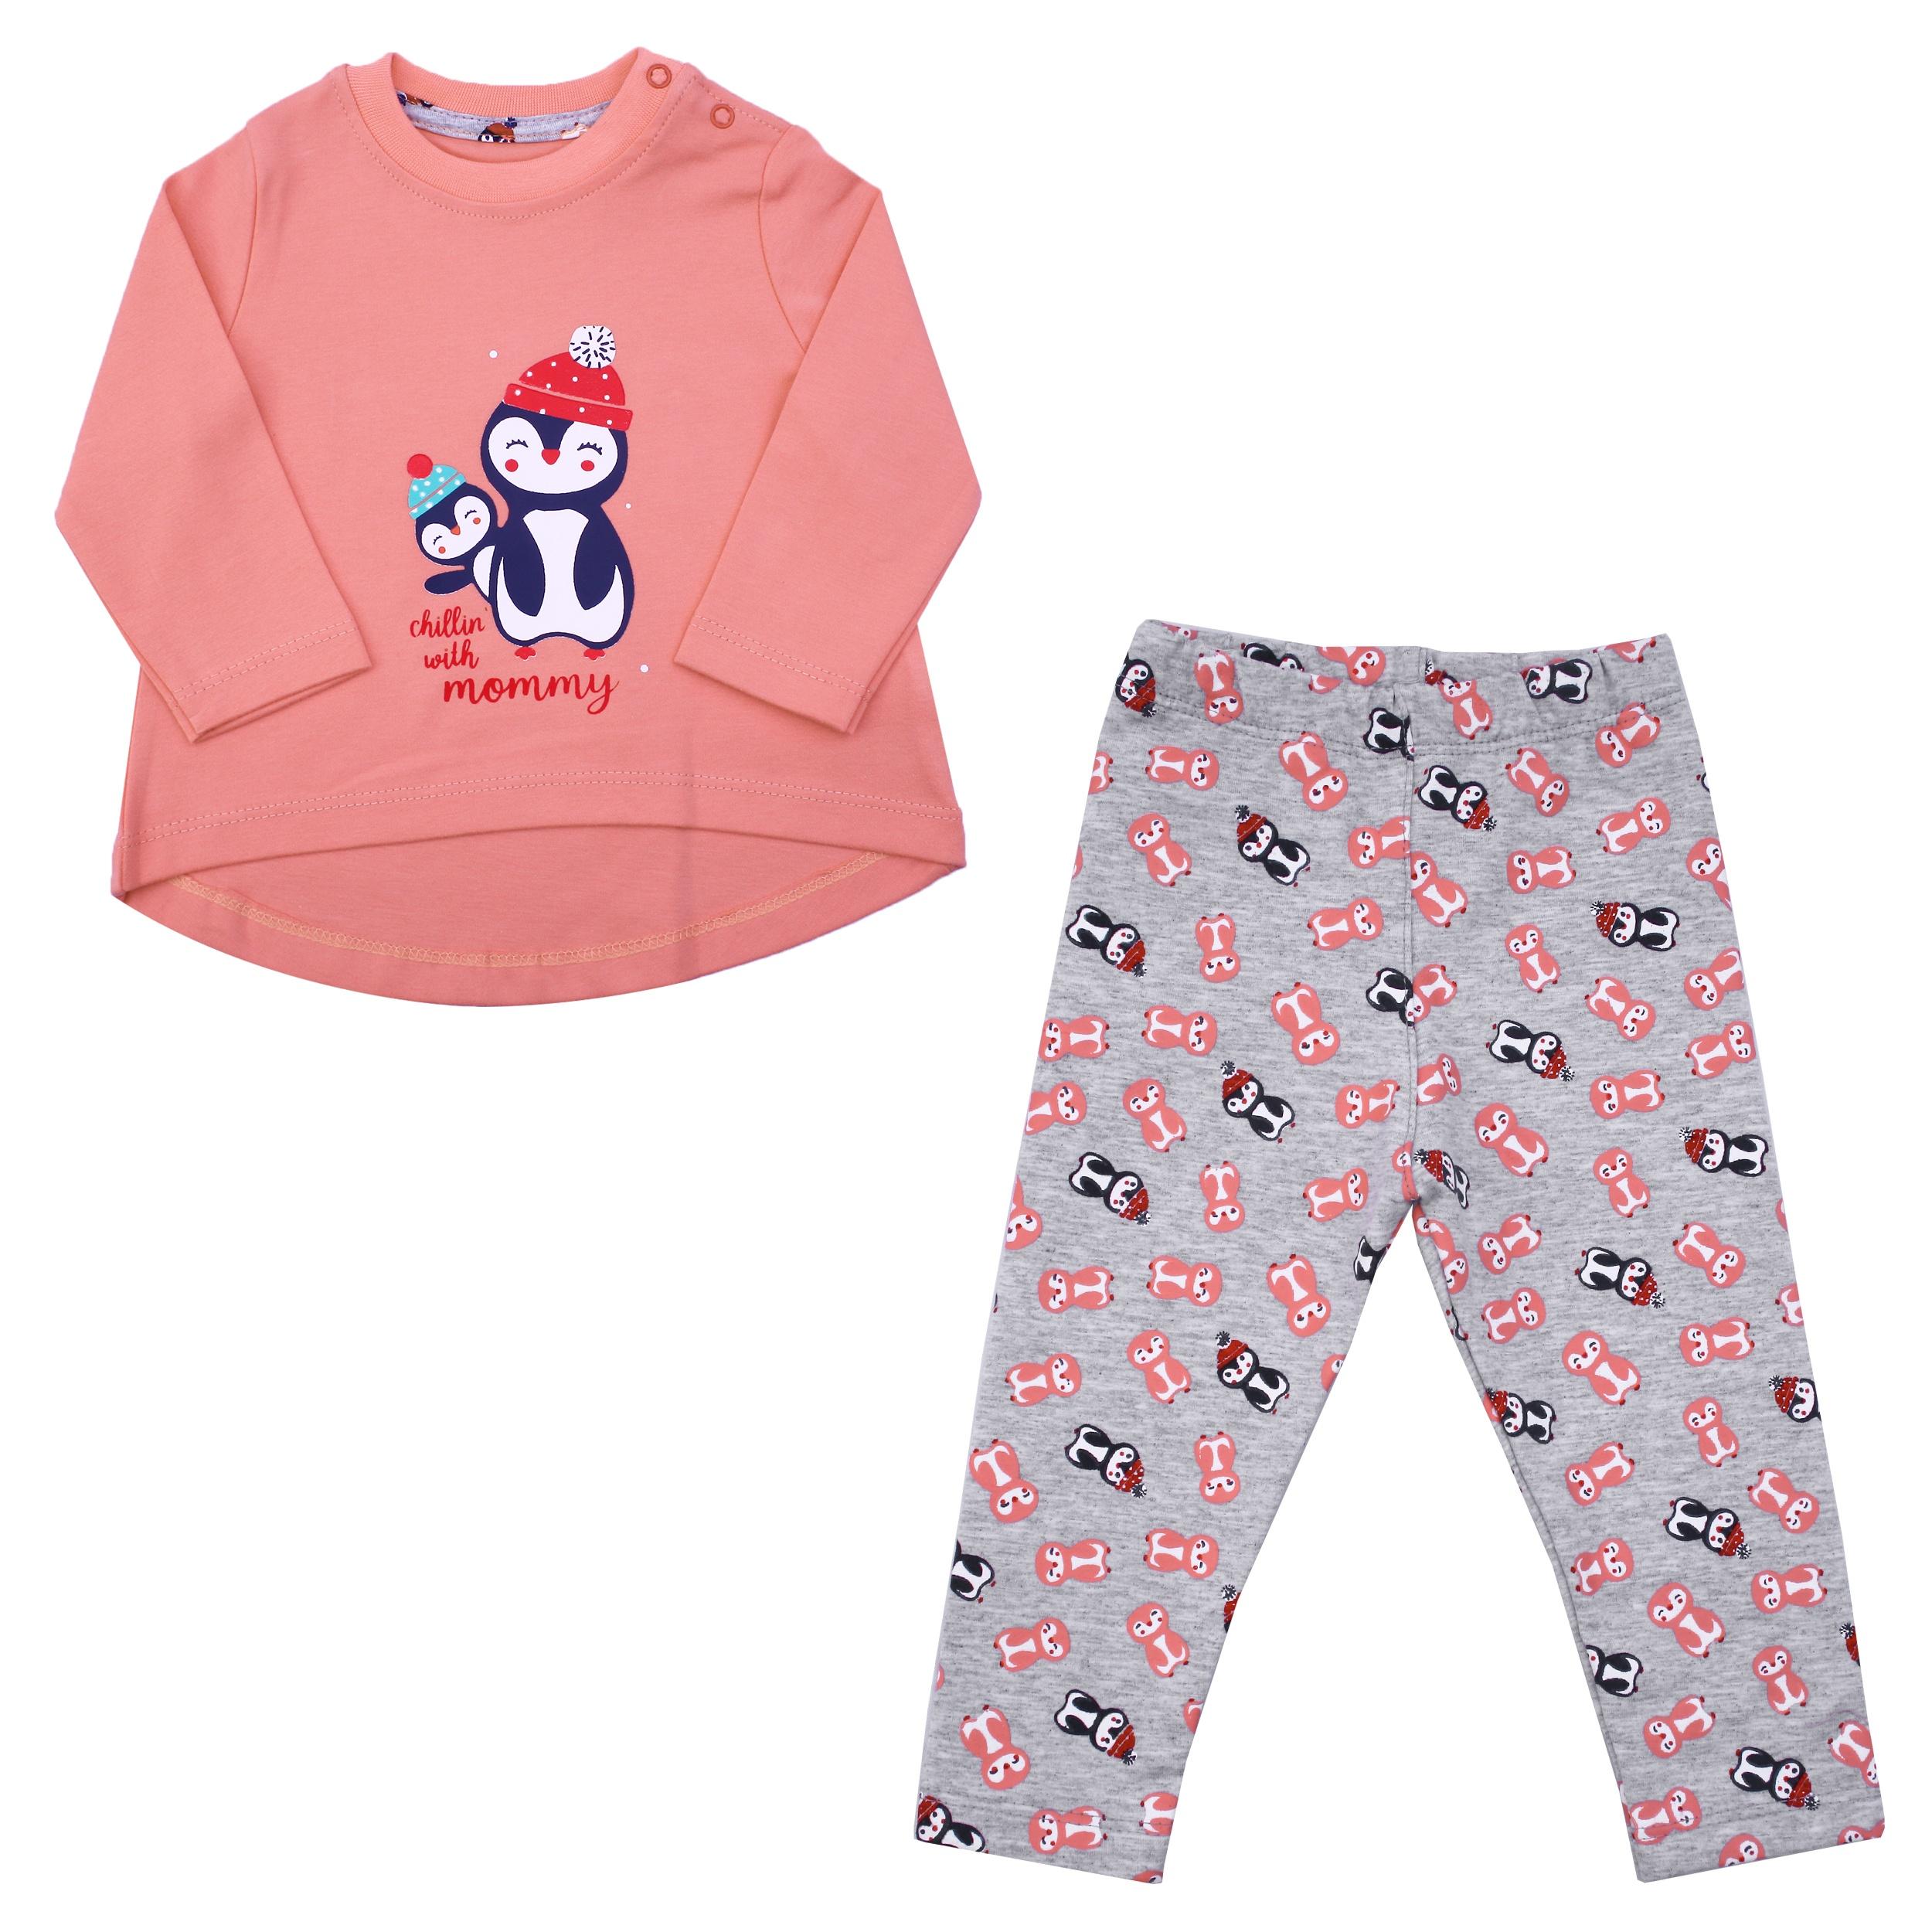 ست تیشرت و شلوار نوزادی دخترانه طرح پنگوئن کد PAN03 رنگ گلبهی